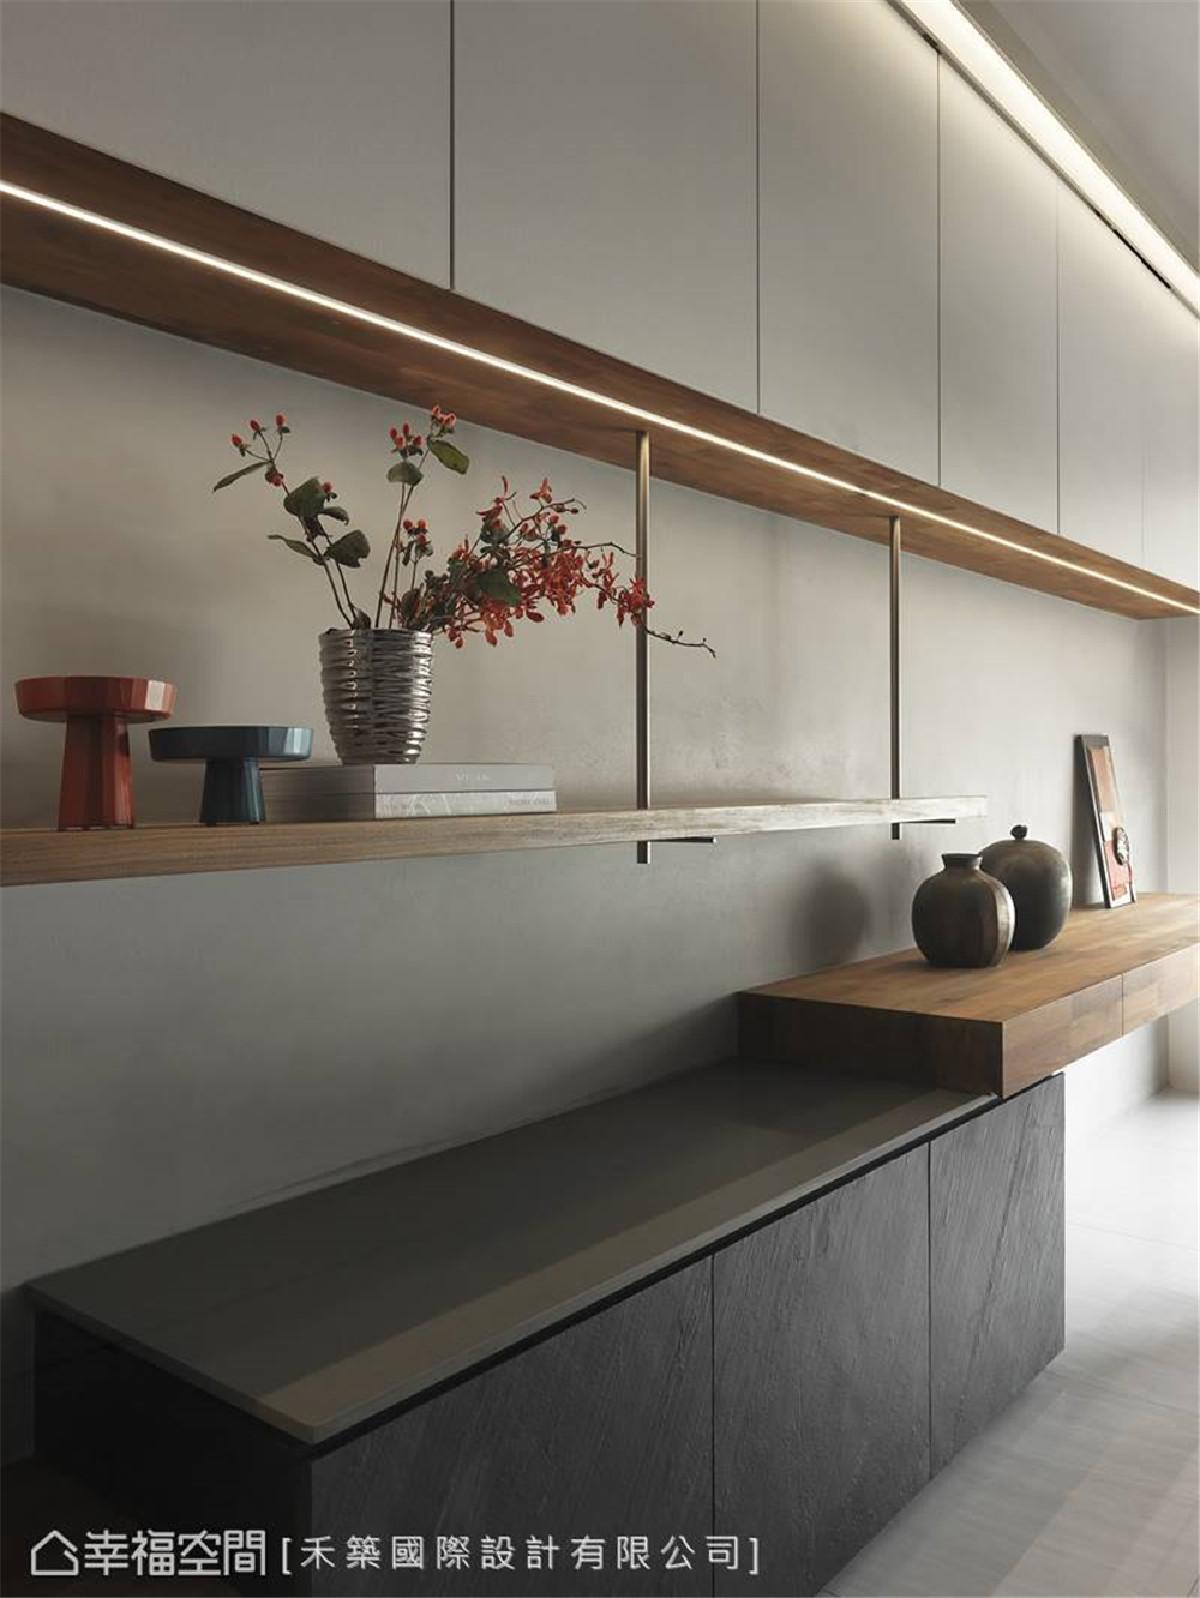 异材质混搭 使用黑色薄板岩、灰色矽钢石及实木层板等天然元素,点缀稳固结构的雾金圆管,搭配特殊漆墙面,描绘出多采多姿的立面表情。